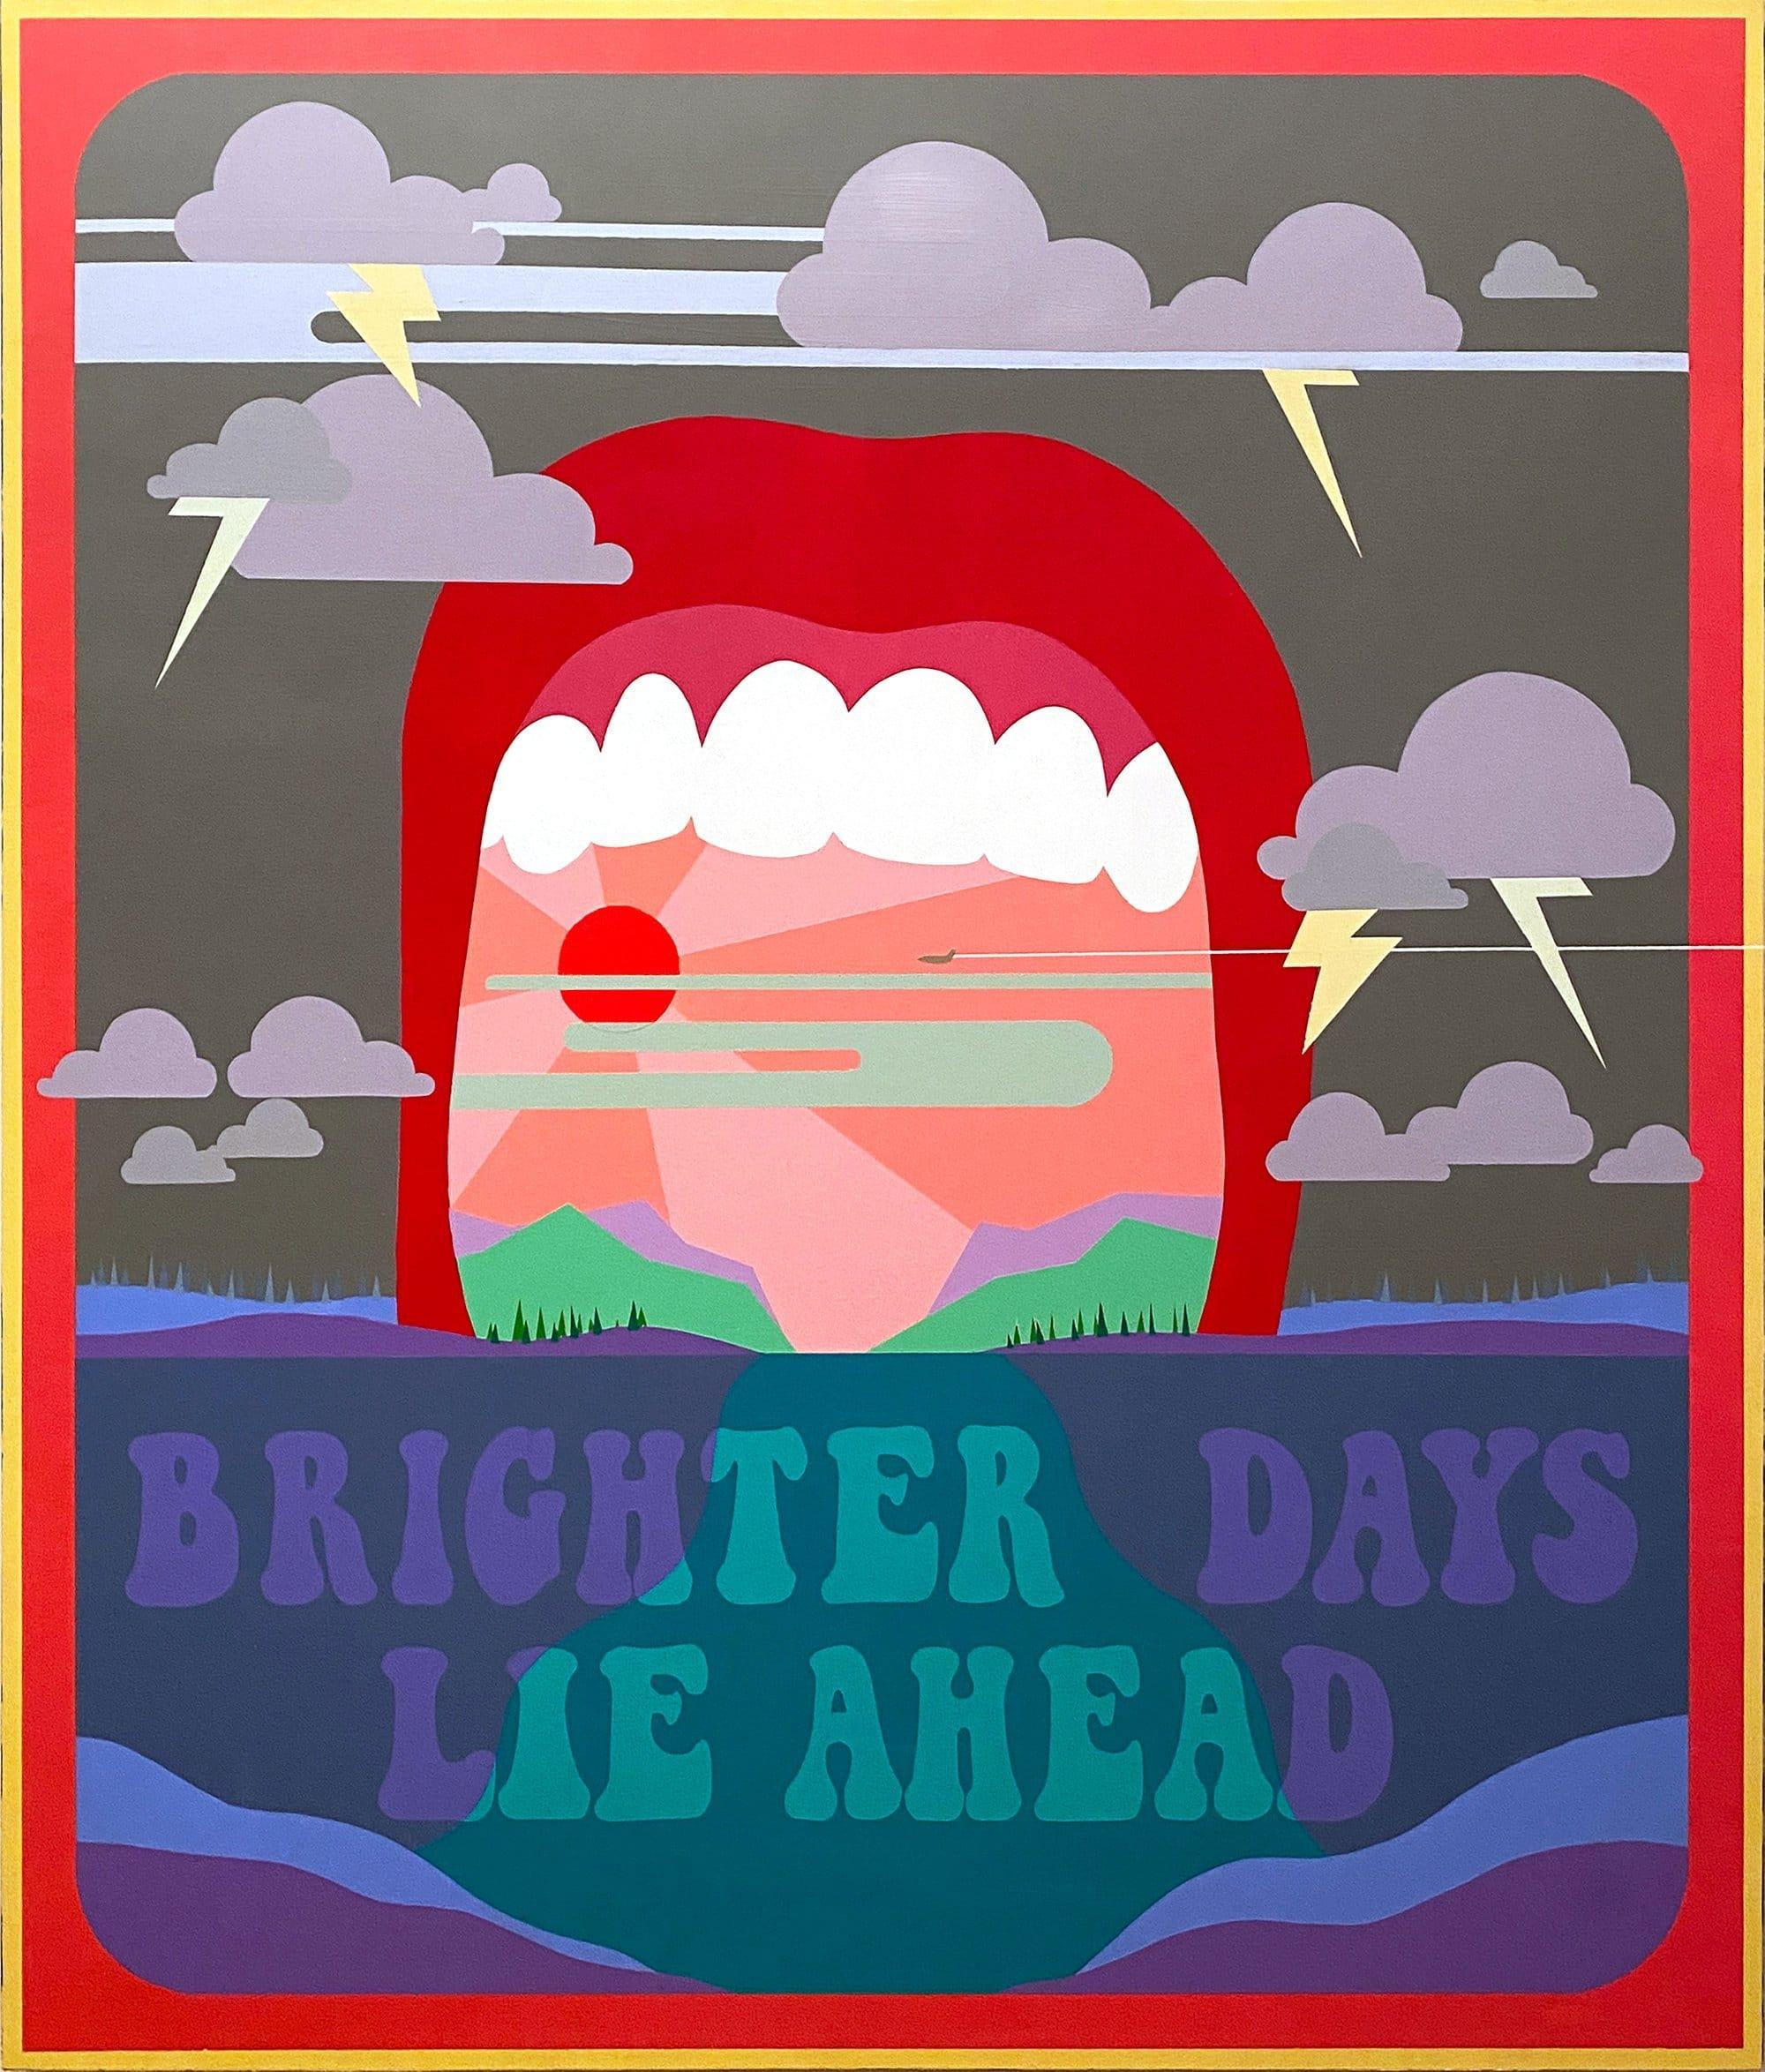 Brighter Days Lie Ahead